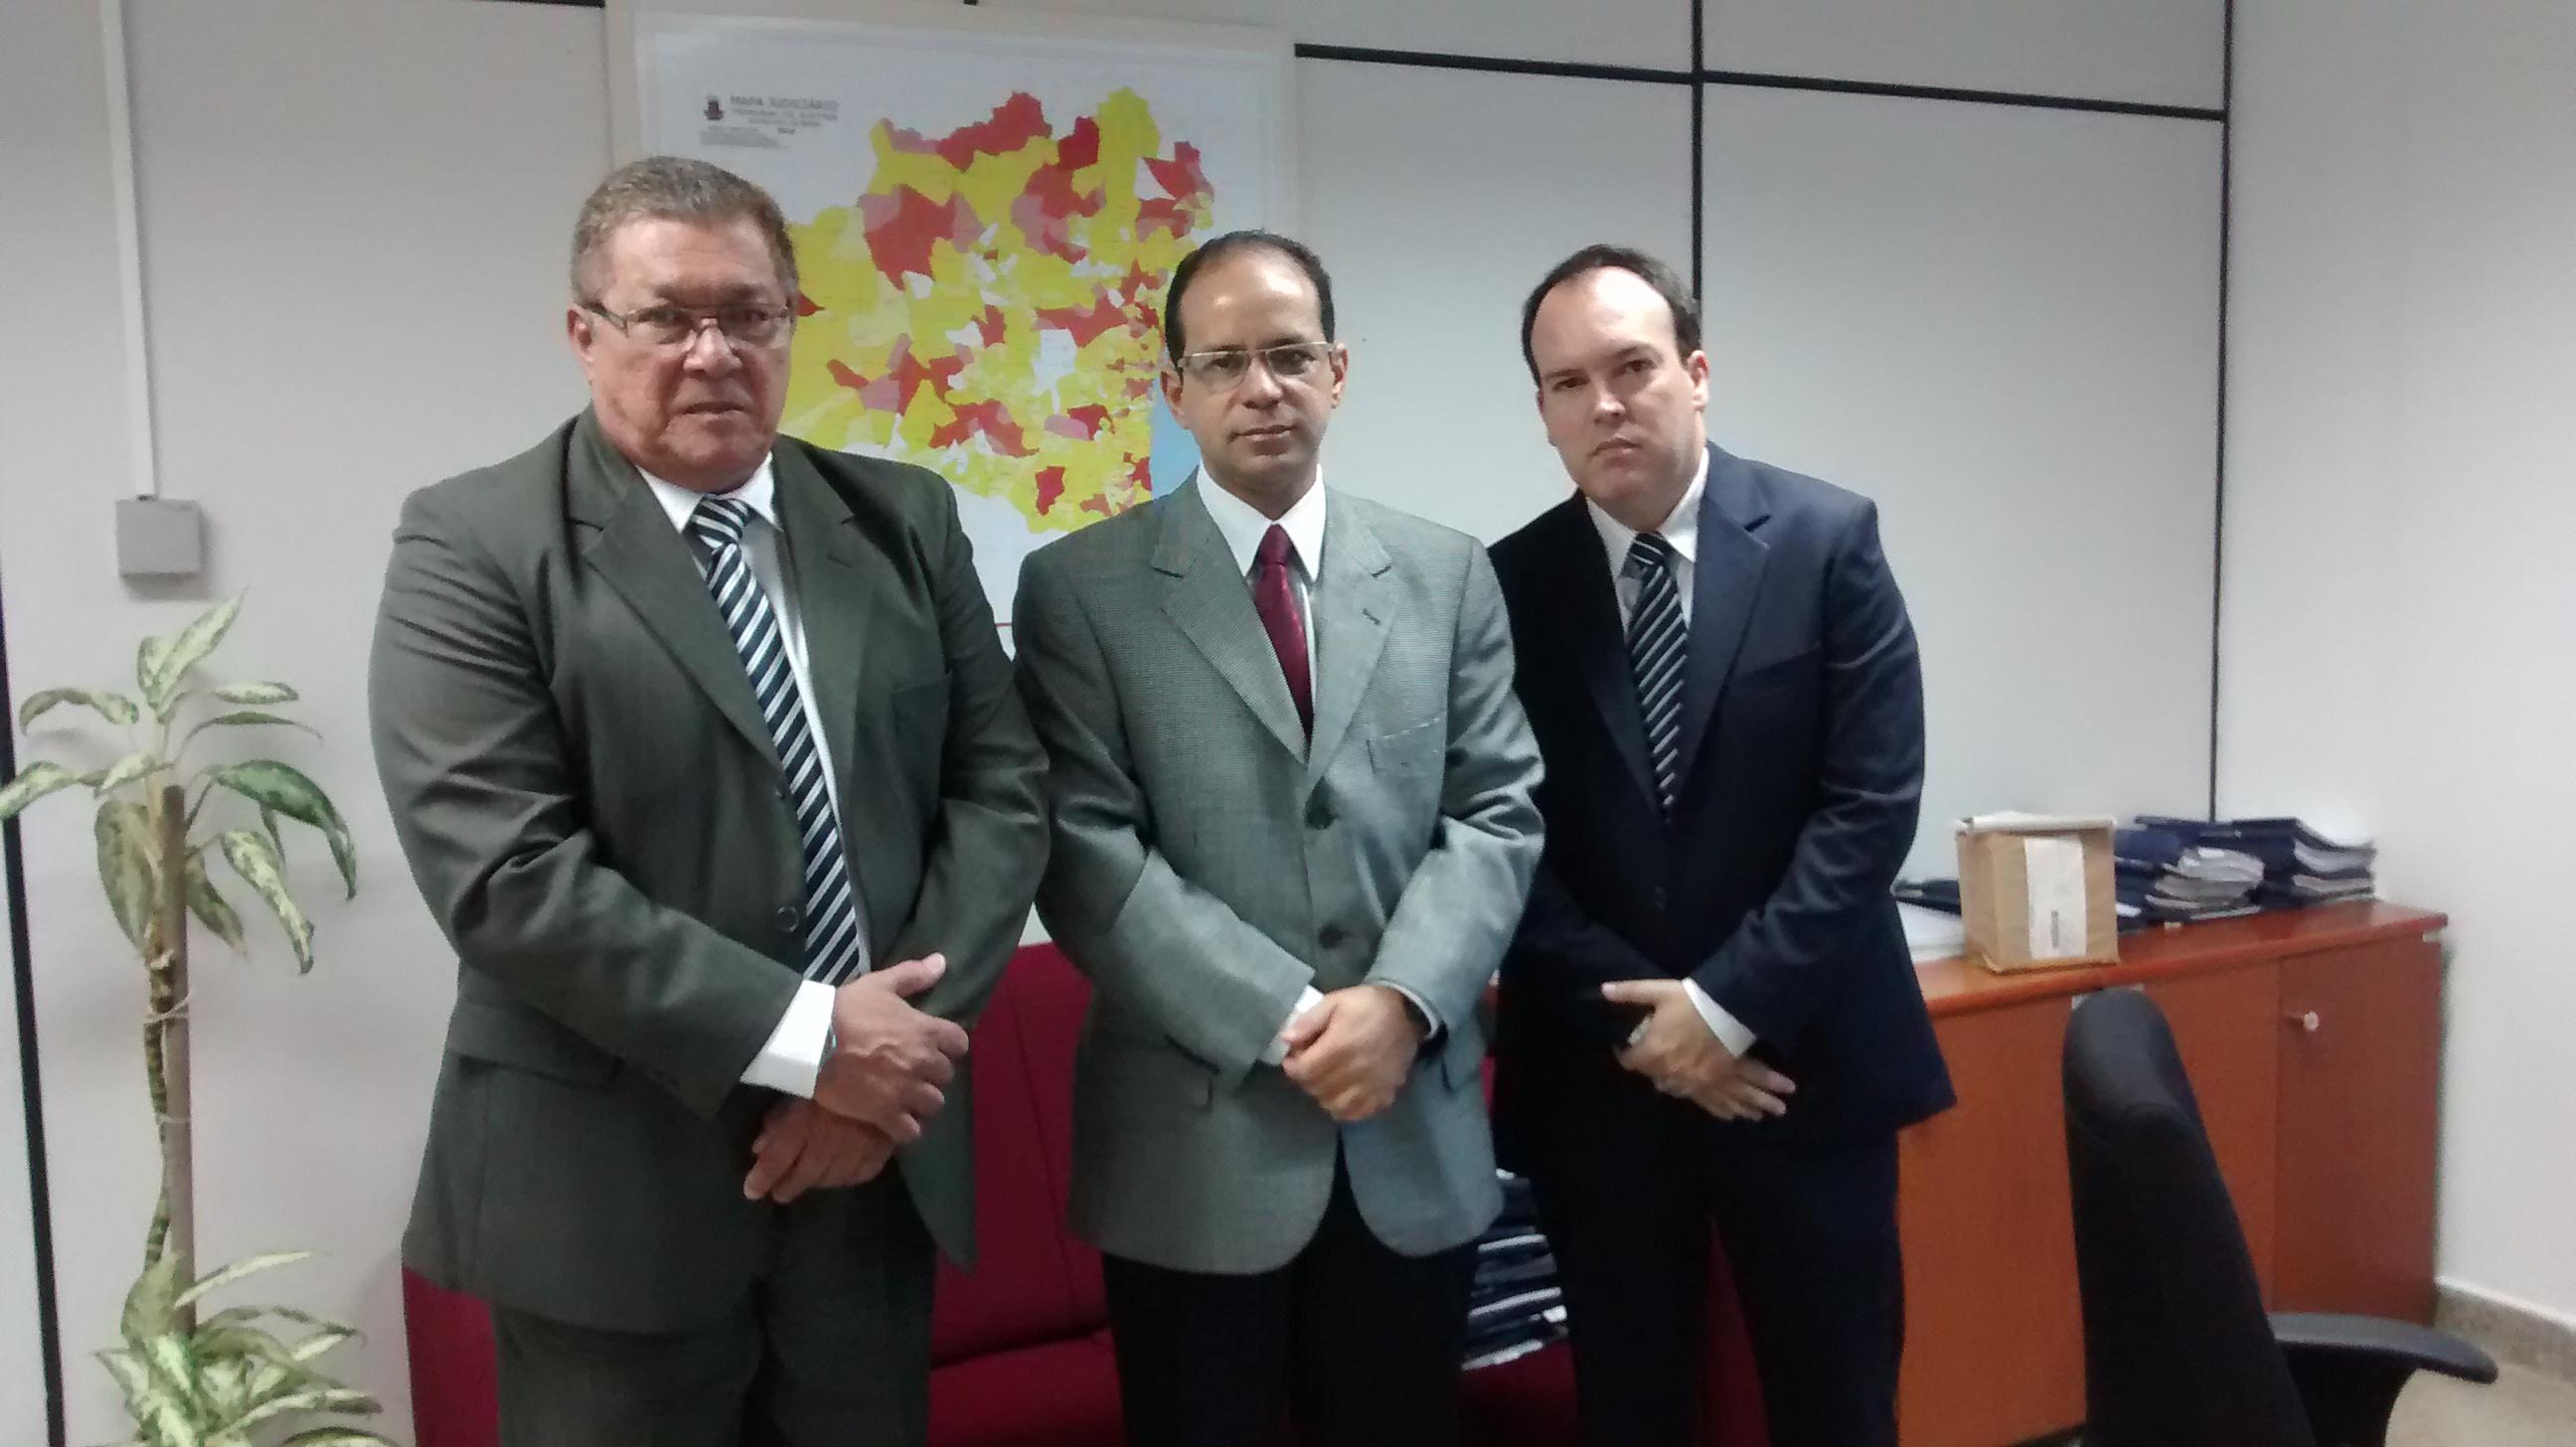 Os advogados Duda Pires e Paulo Aragão ladeados pelo  Assessor Especial da Presidência Dr. Ozéias Costa de Souza